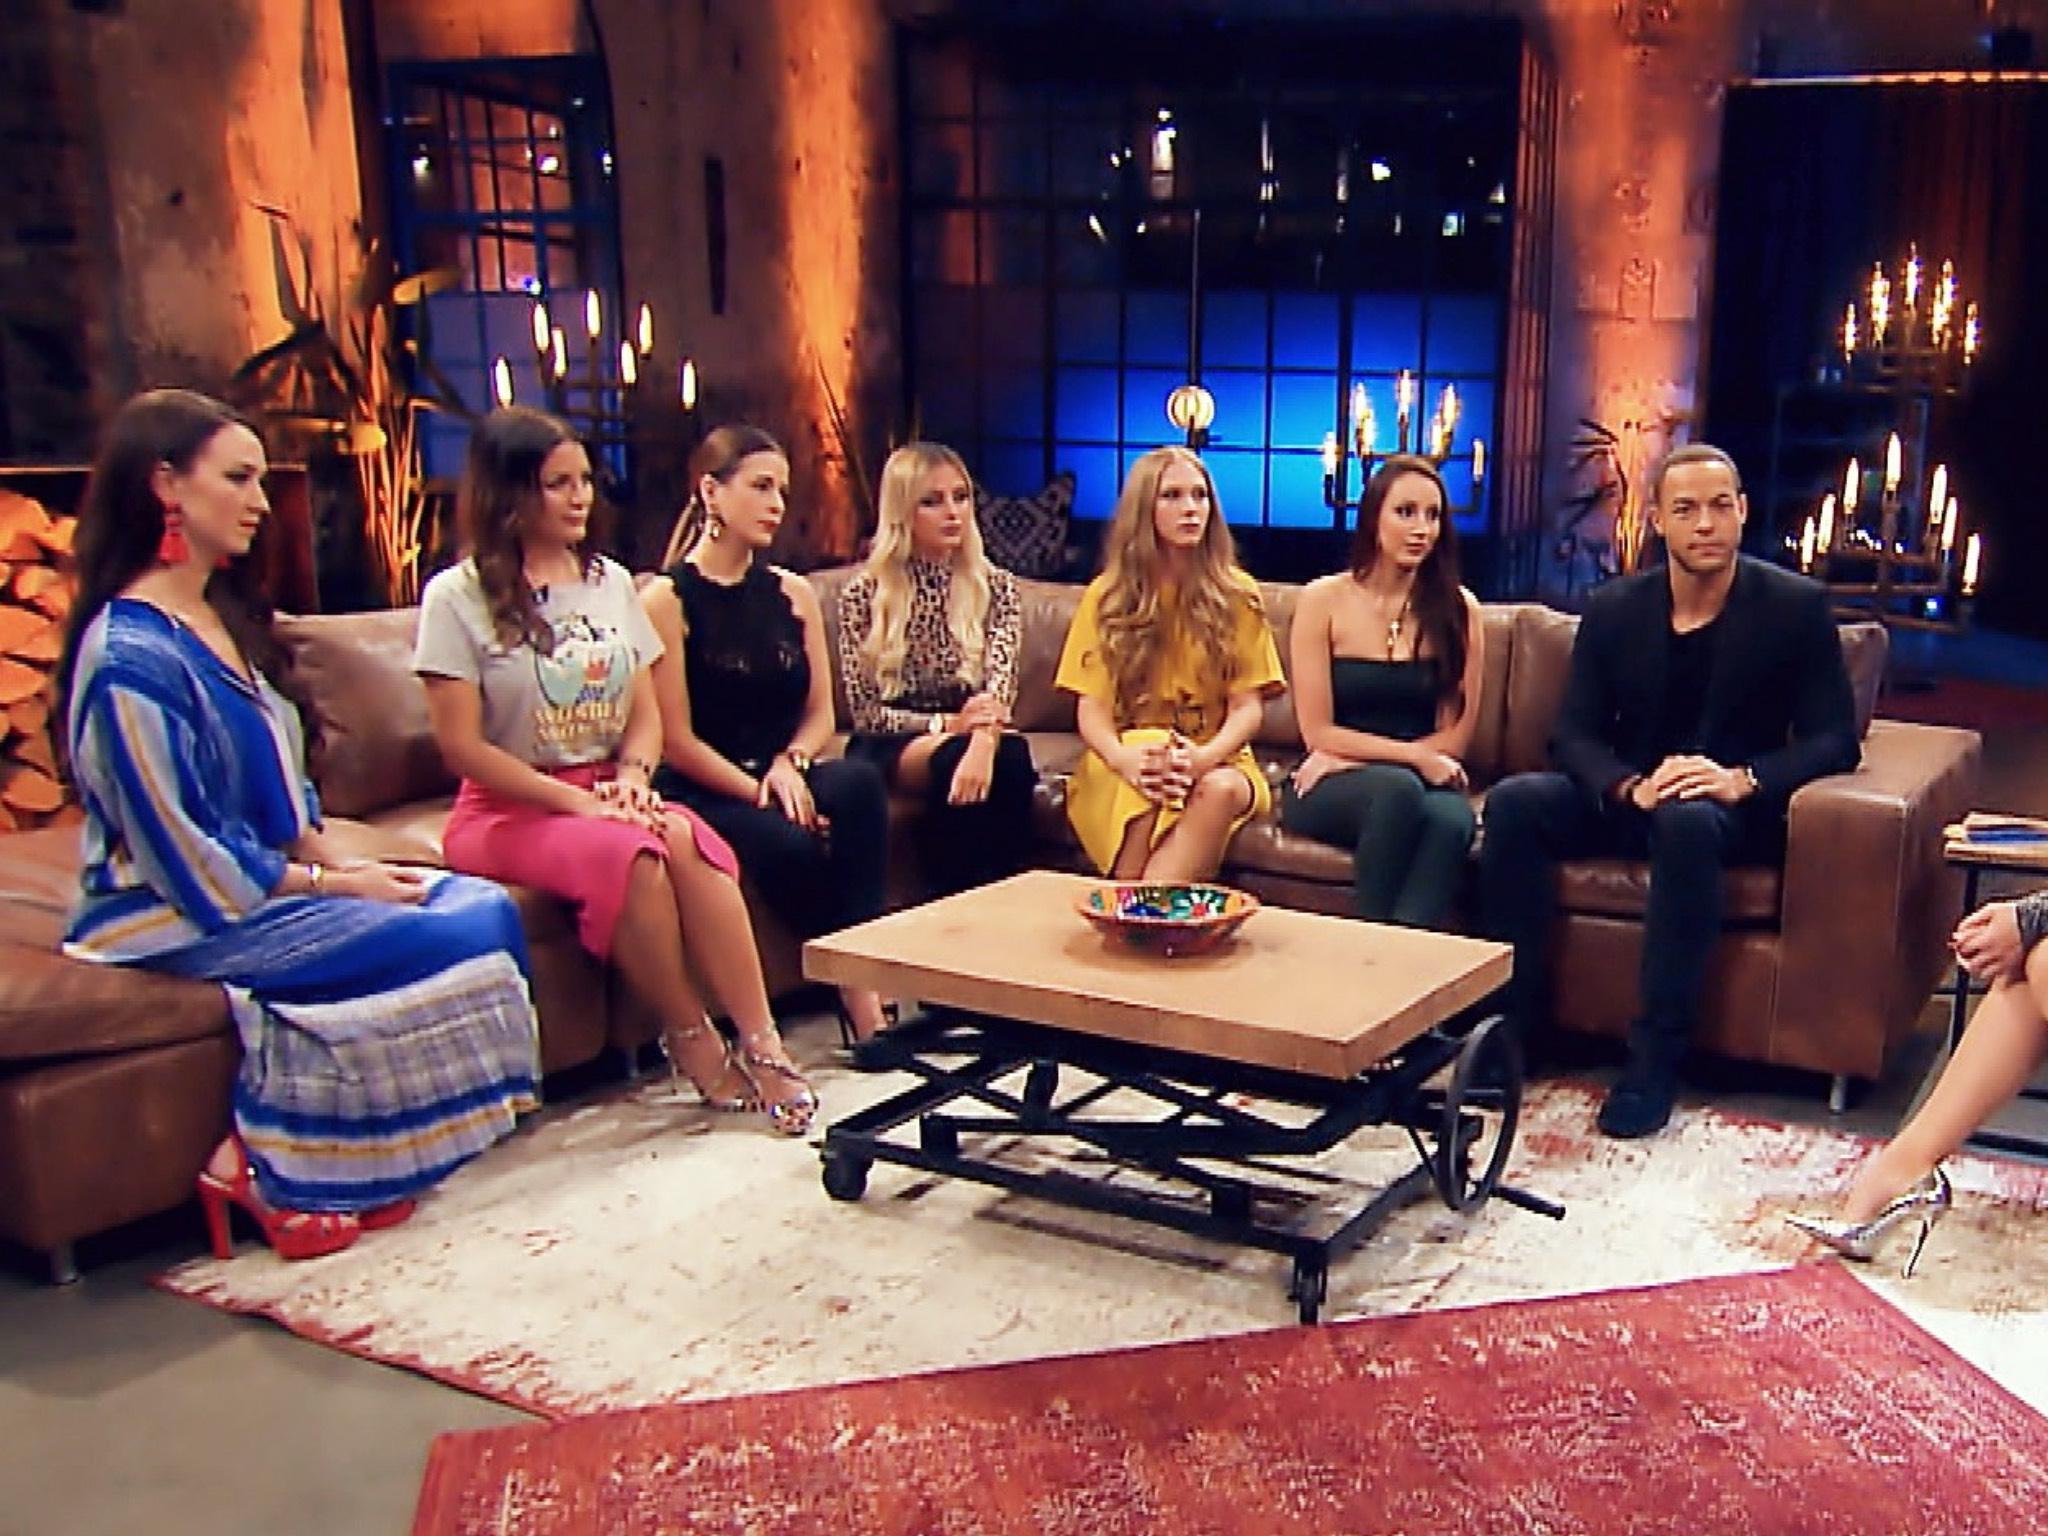 """Zu Besuch bei Frauke Ludowig (r.): Christina, Stefanie, Nadine, Jade, Vanessa, Isabell und Andrej (v.l.). Alle Episoden von """"Der Bachelor"""" bei TVNOW: www.tvnow.de. Foto: MG RTL D"""